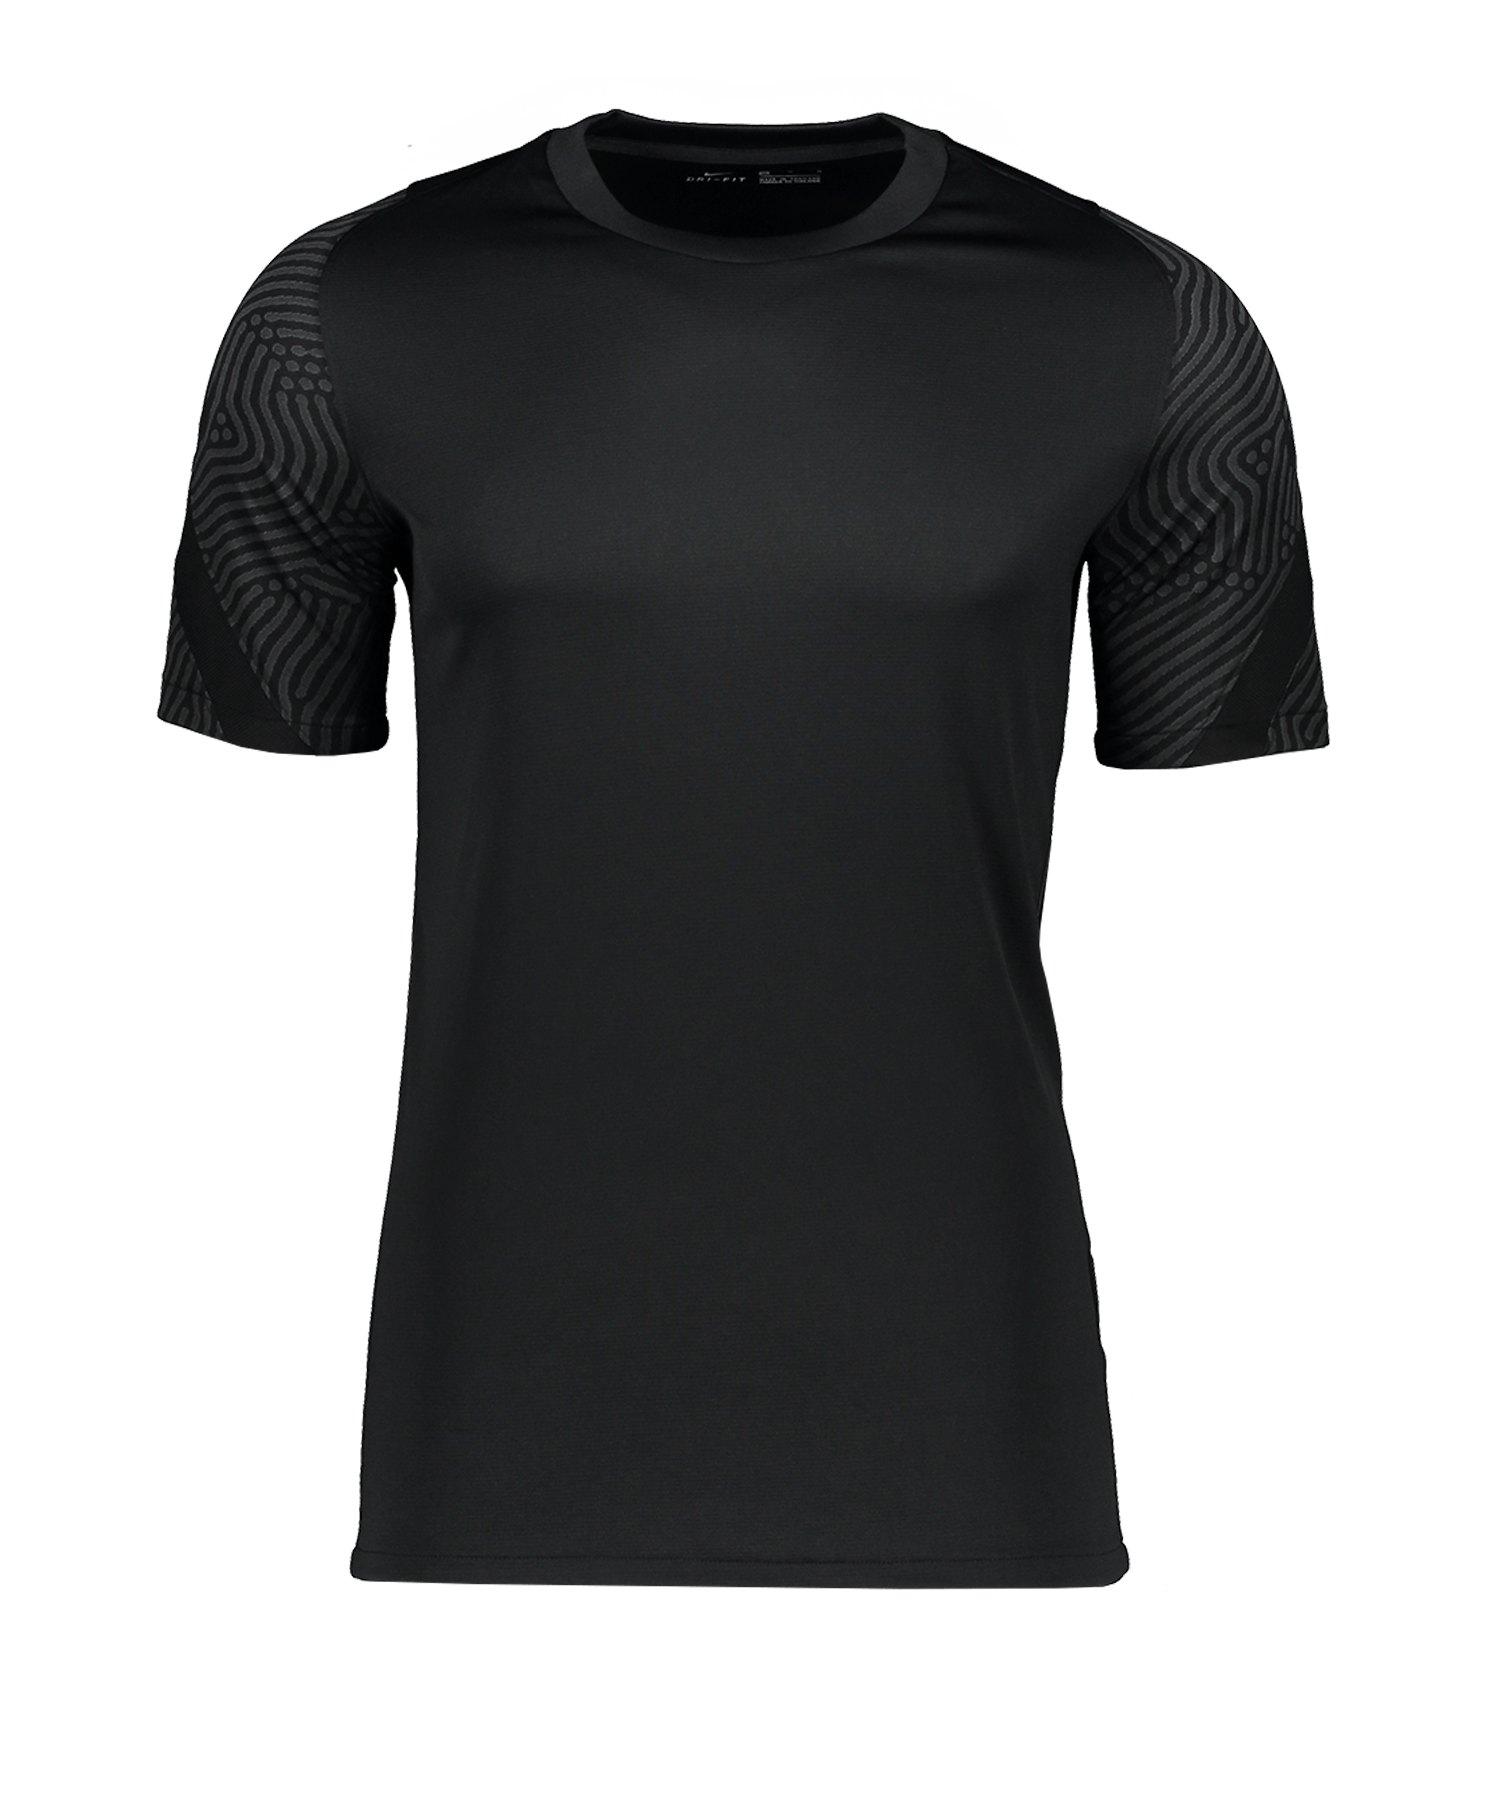 Nike Strike Shirt kurzarm Schwarz F010 - schwarz